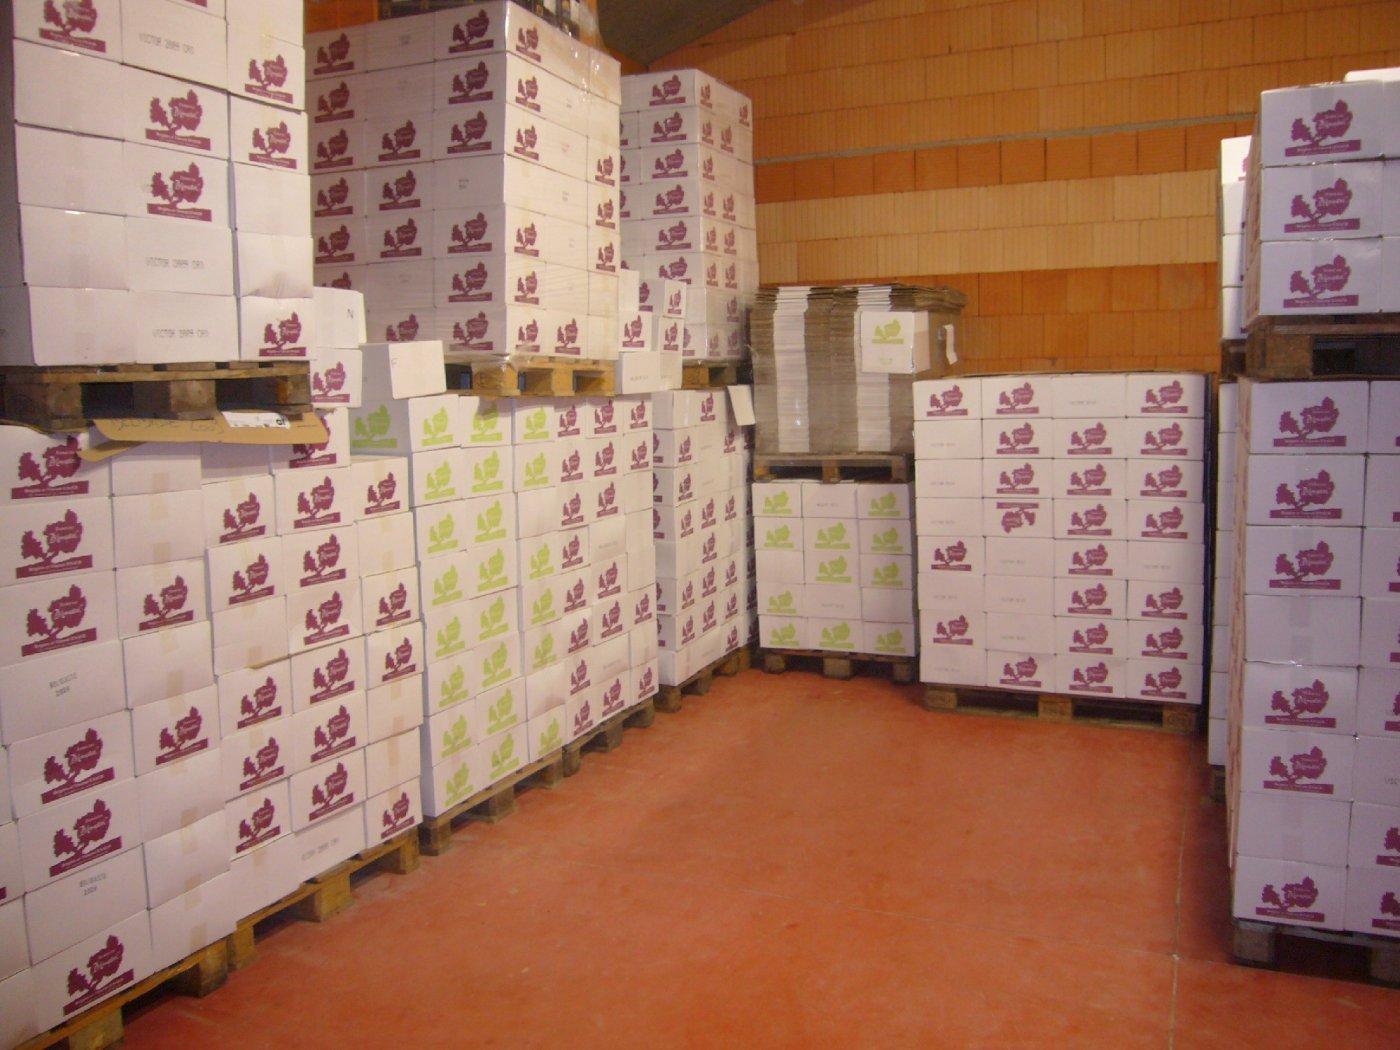 epicuriens-font-confiance-aux-vins-du-domaine-monastrel